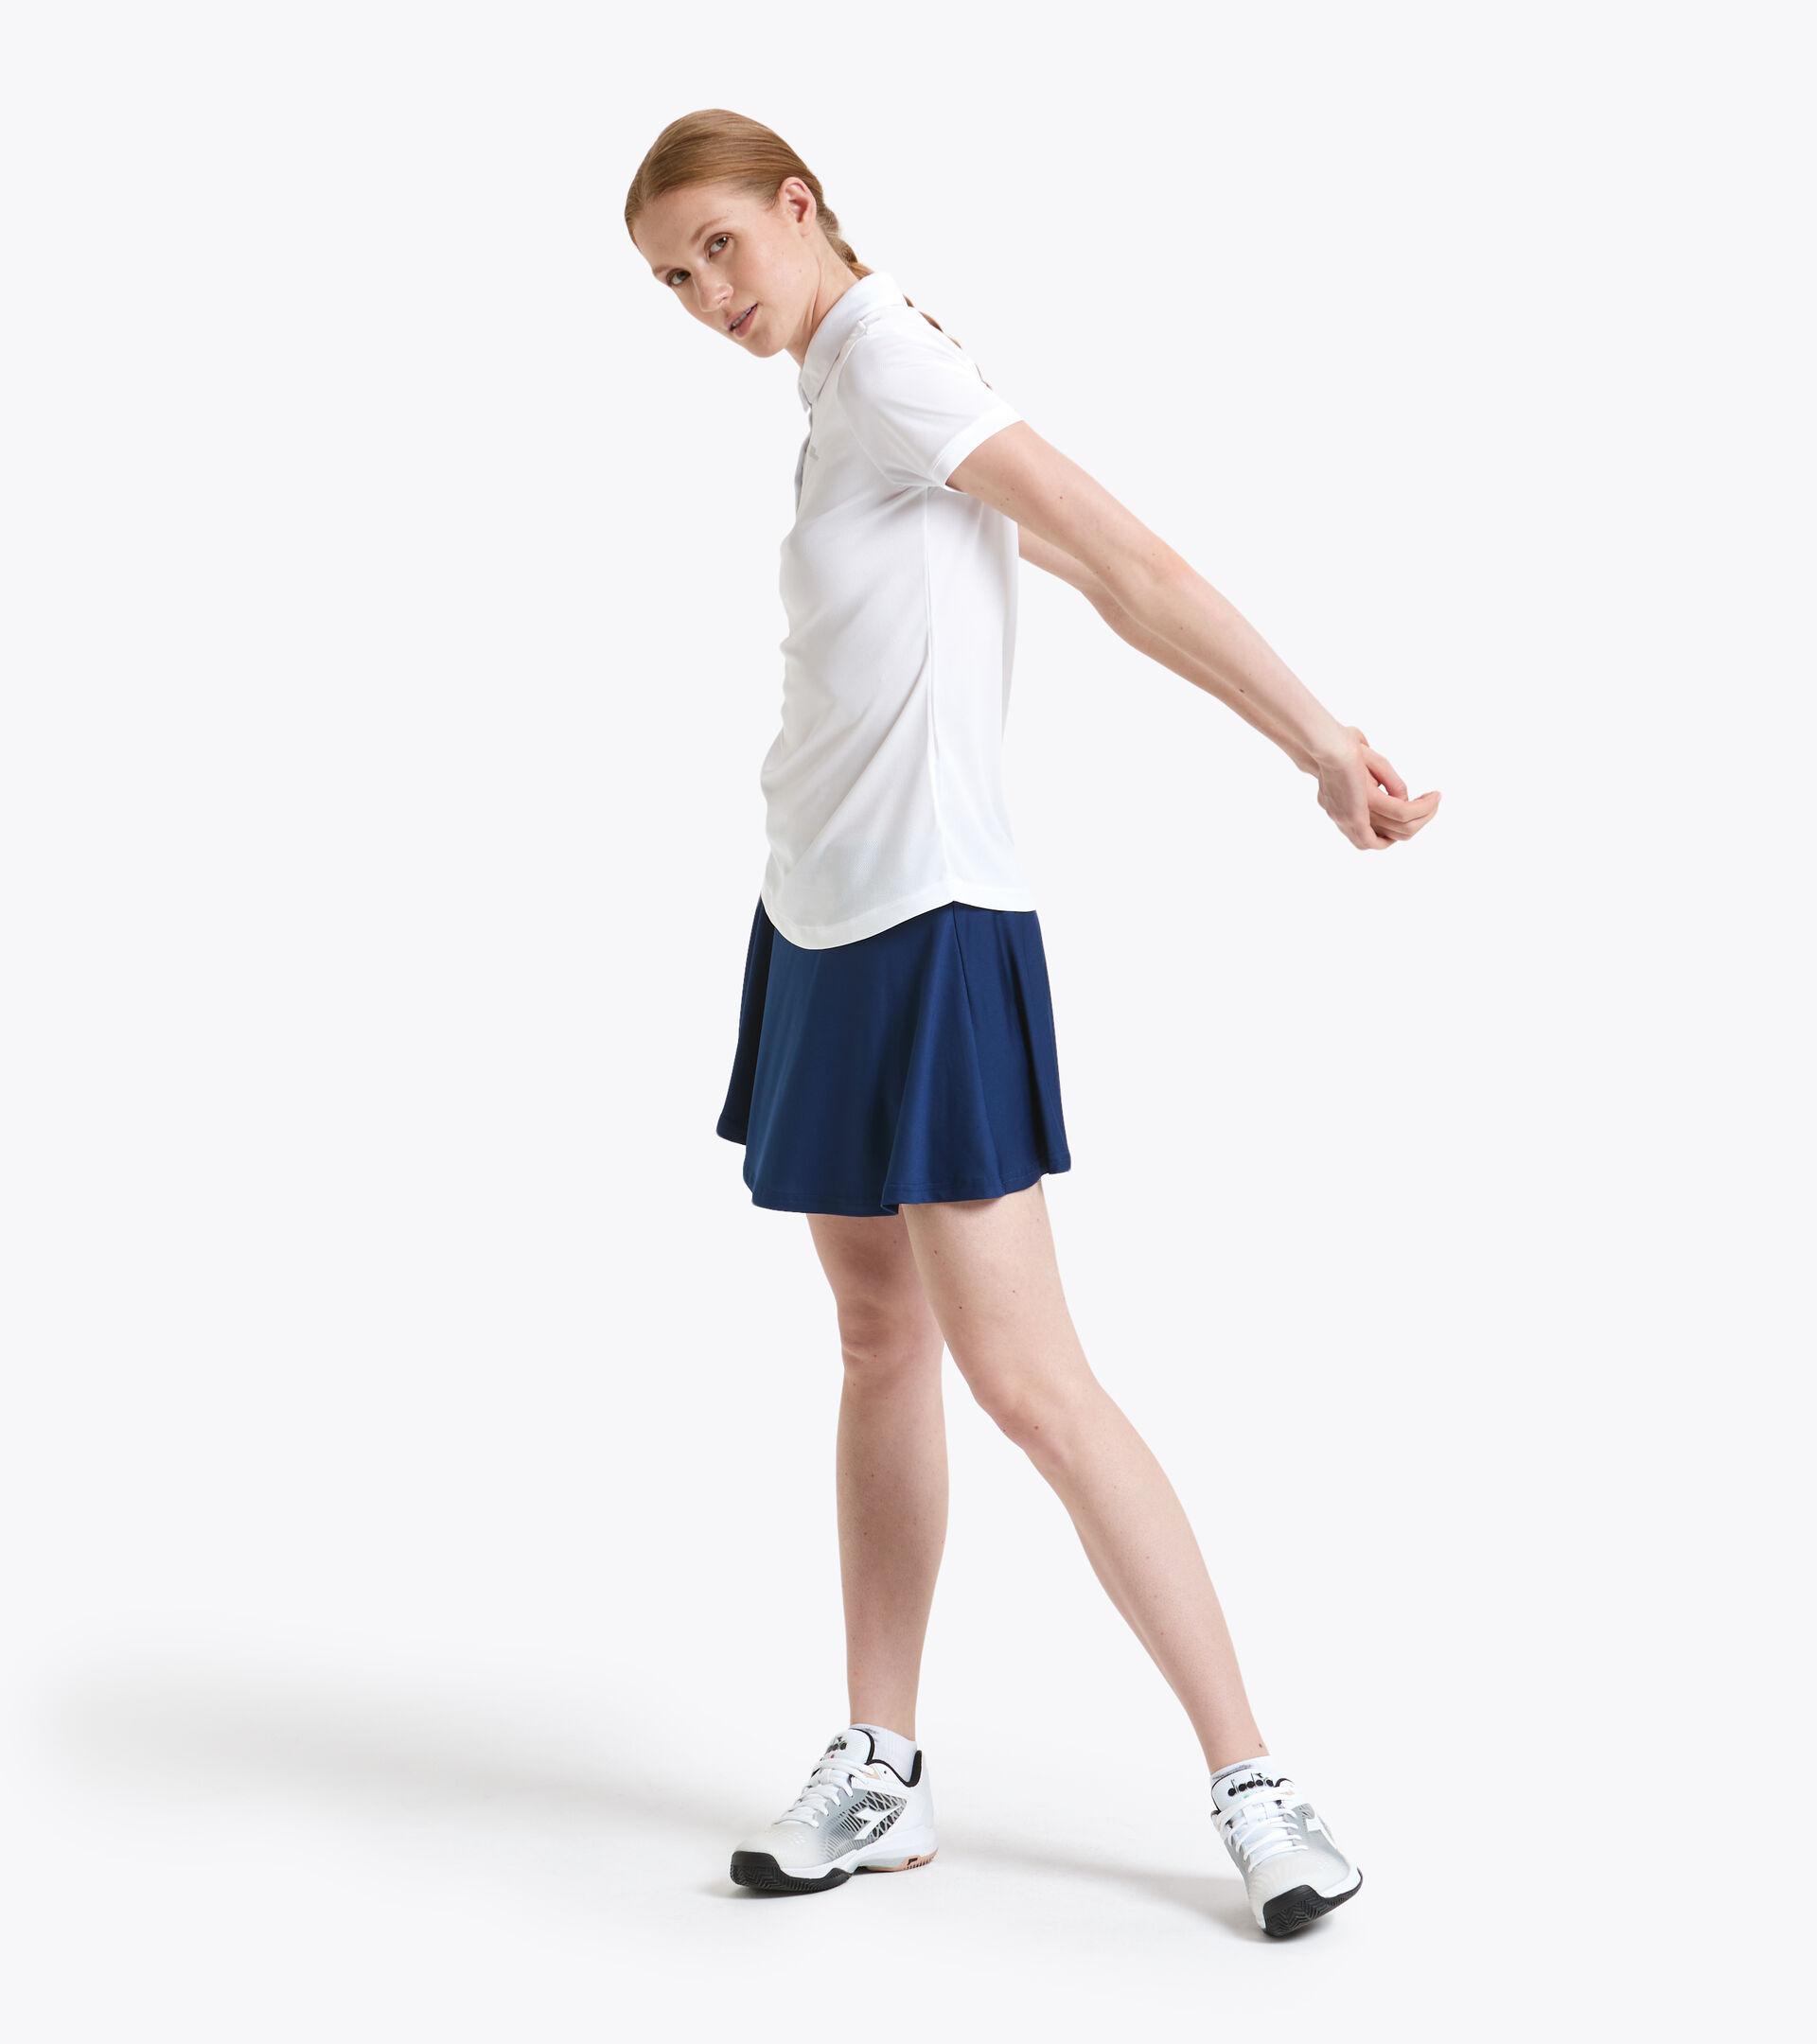 Polo de tenis - Mujer L. POLO COURT BLANCO VIVO - Diadora